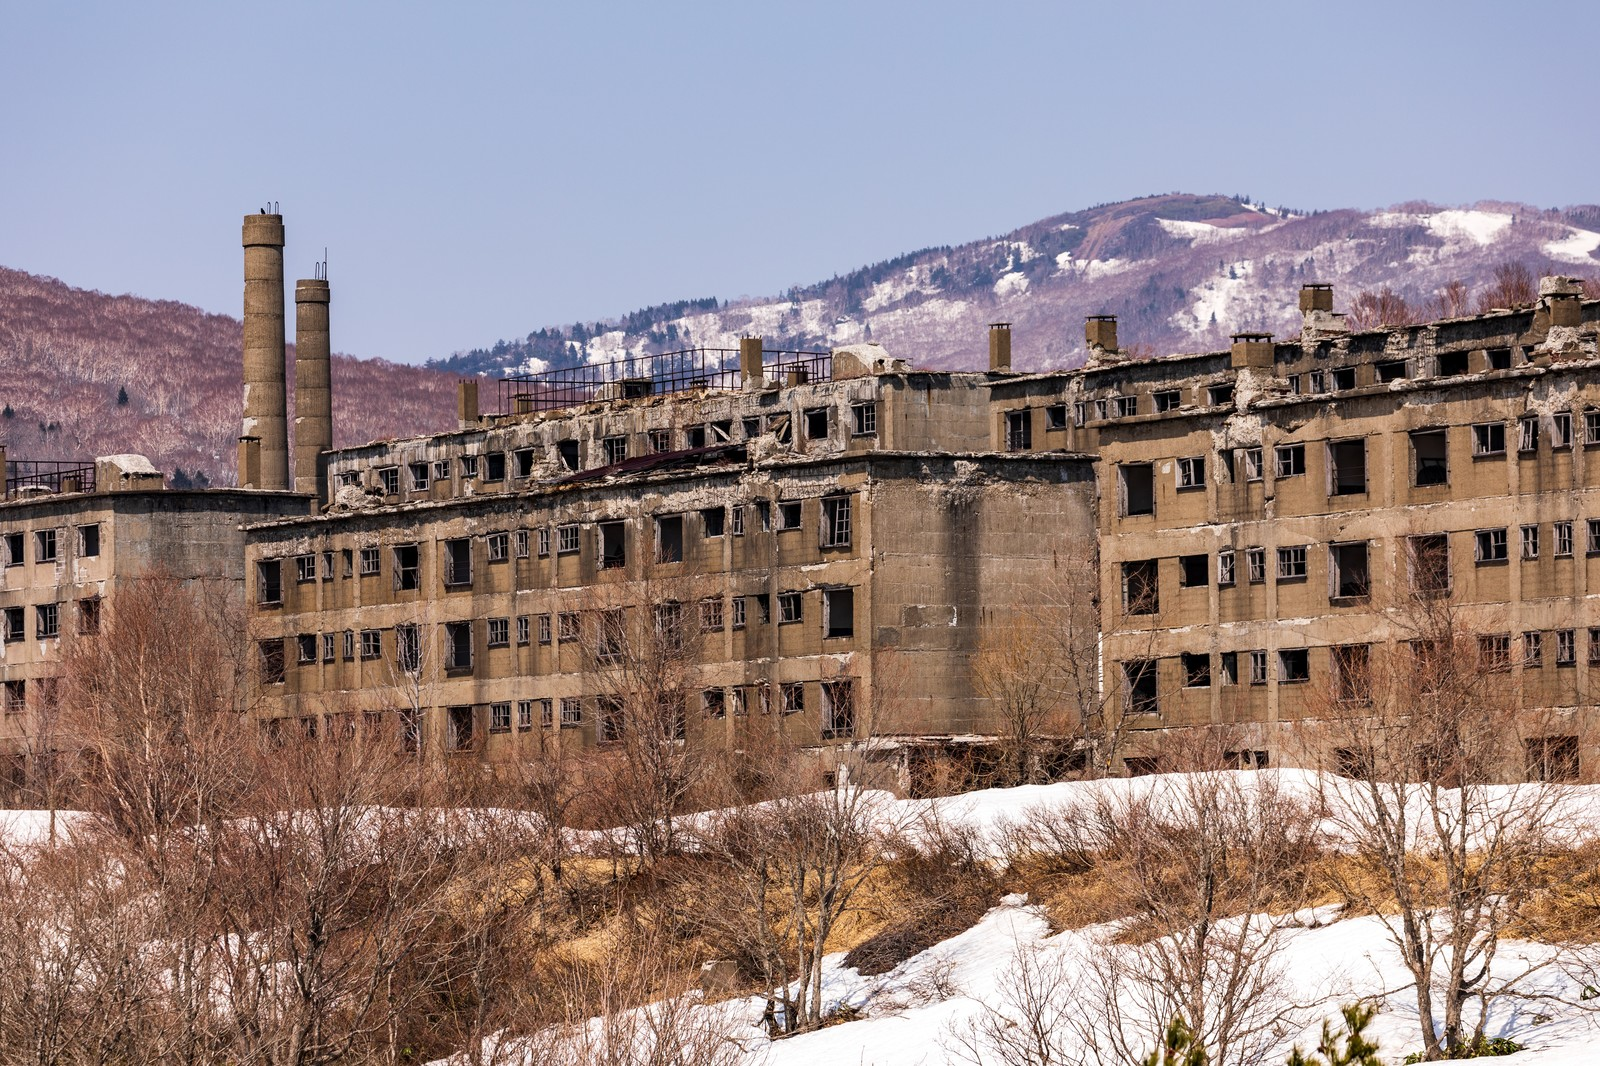 「建ち並ぶ廃宿舎群(松尾鉱山)」の写真